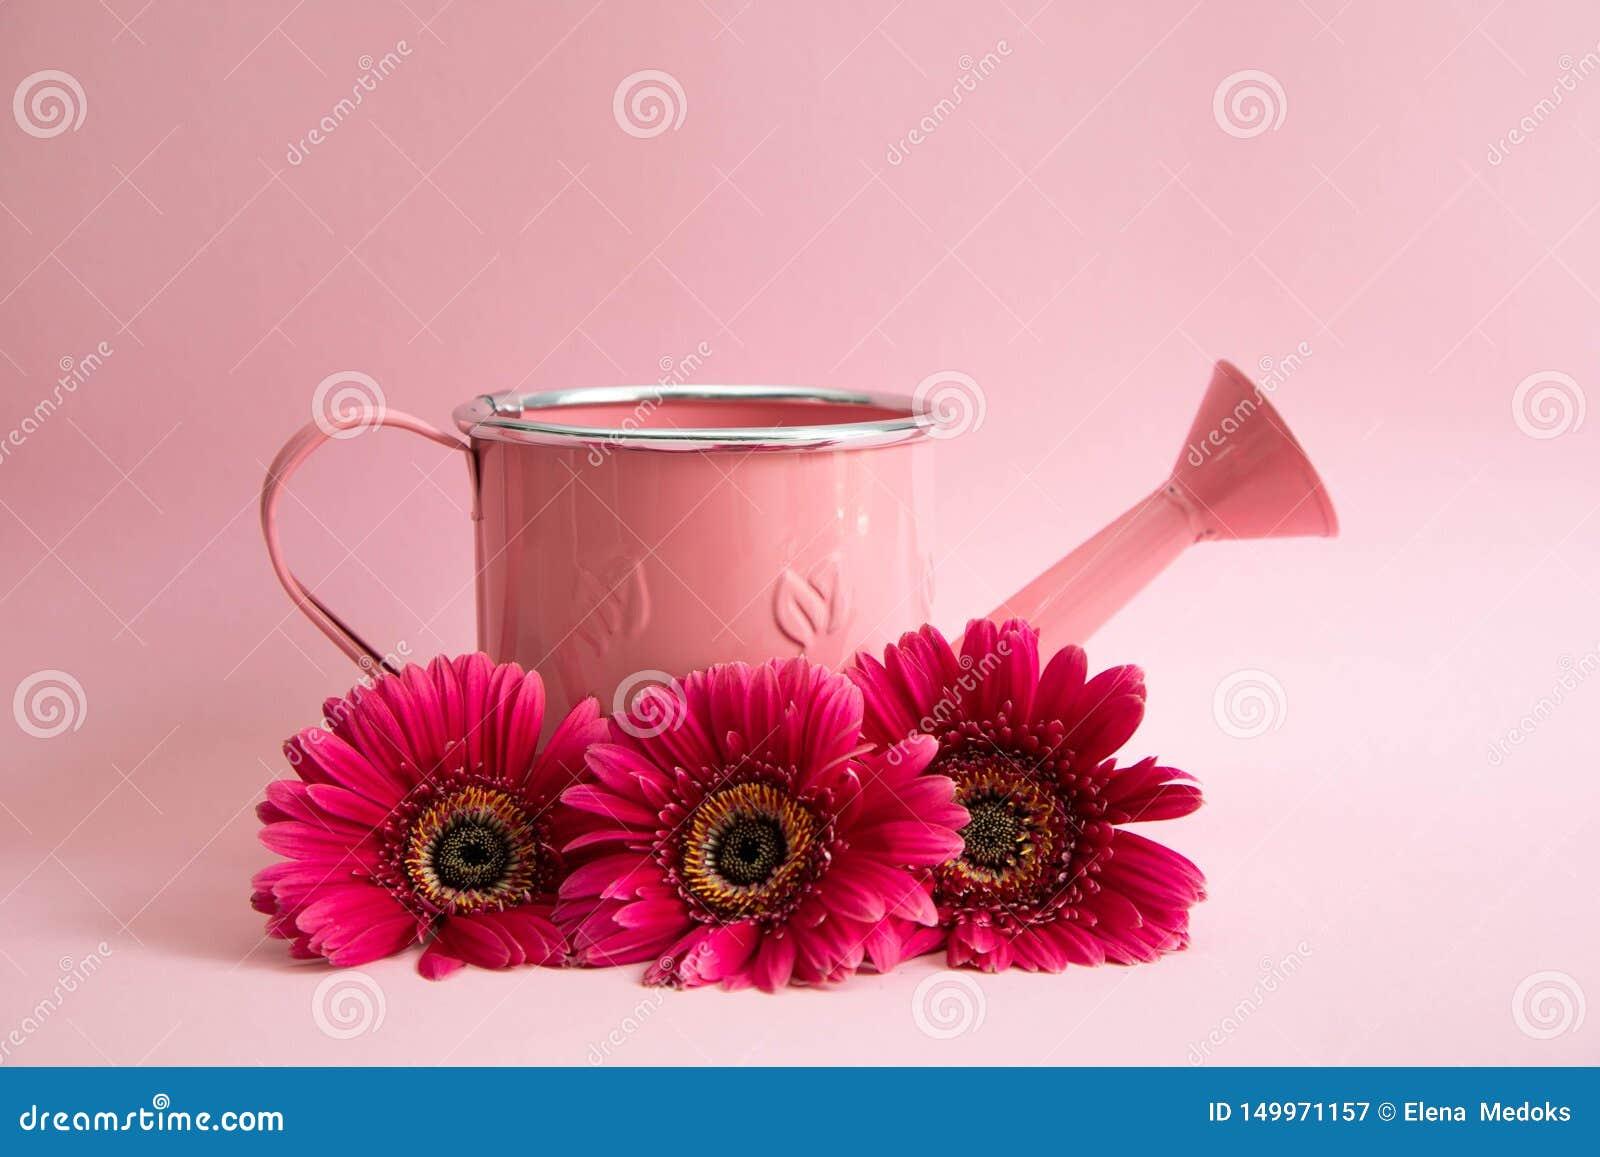 Пустая розовая моча консервная банка с 3 цветками красных gerberas Рядом с моча консервной банкой 3 малиновых маргаритки на пинке